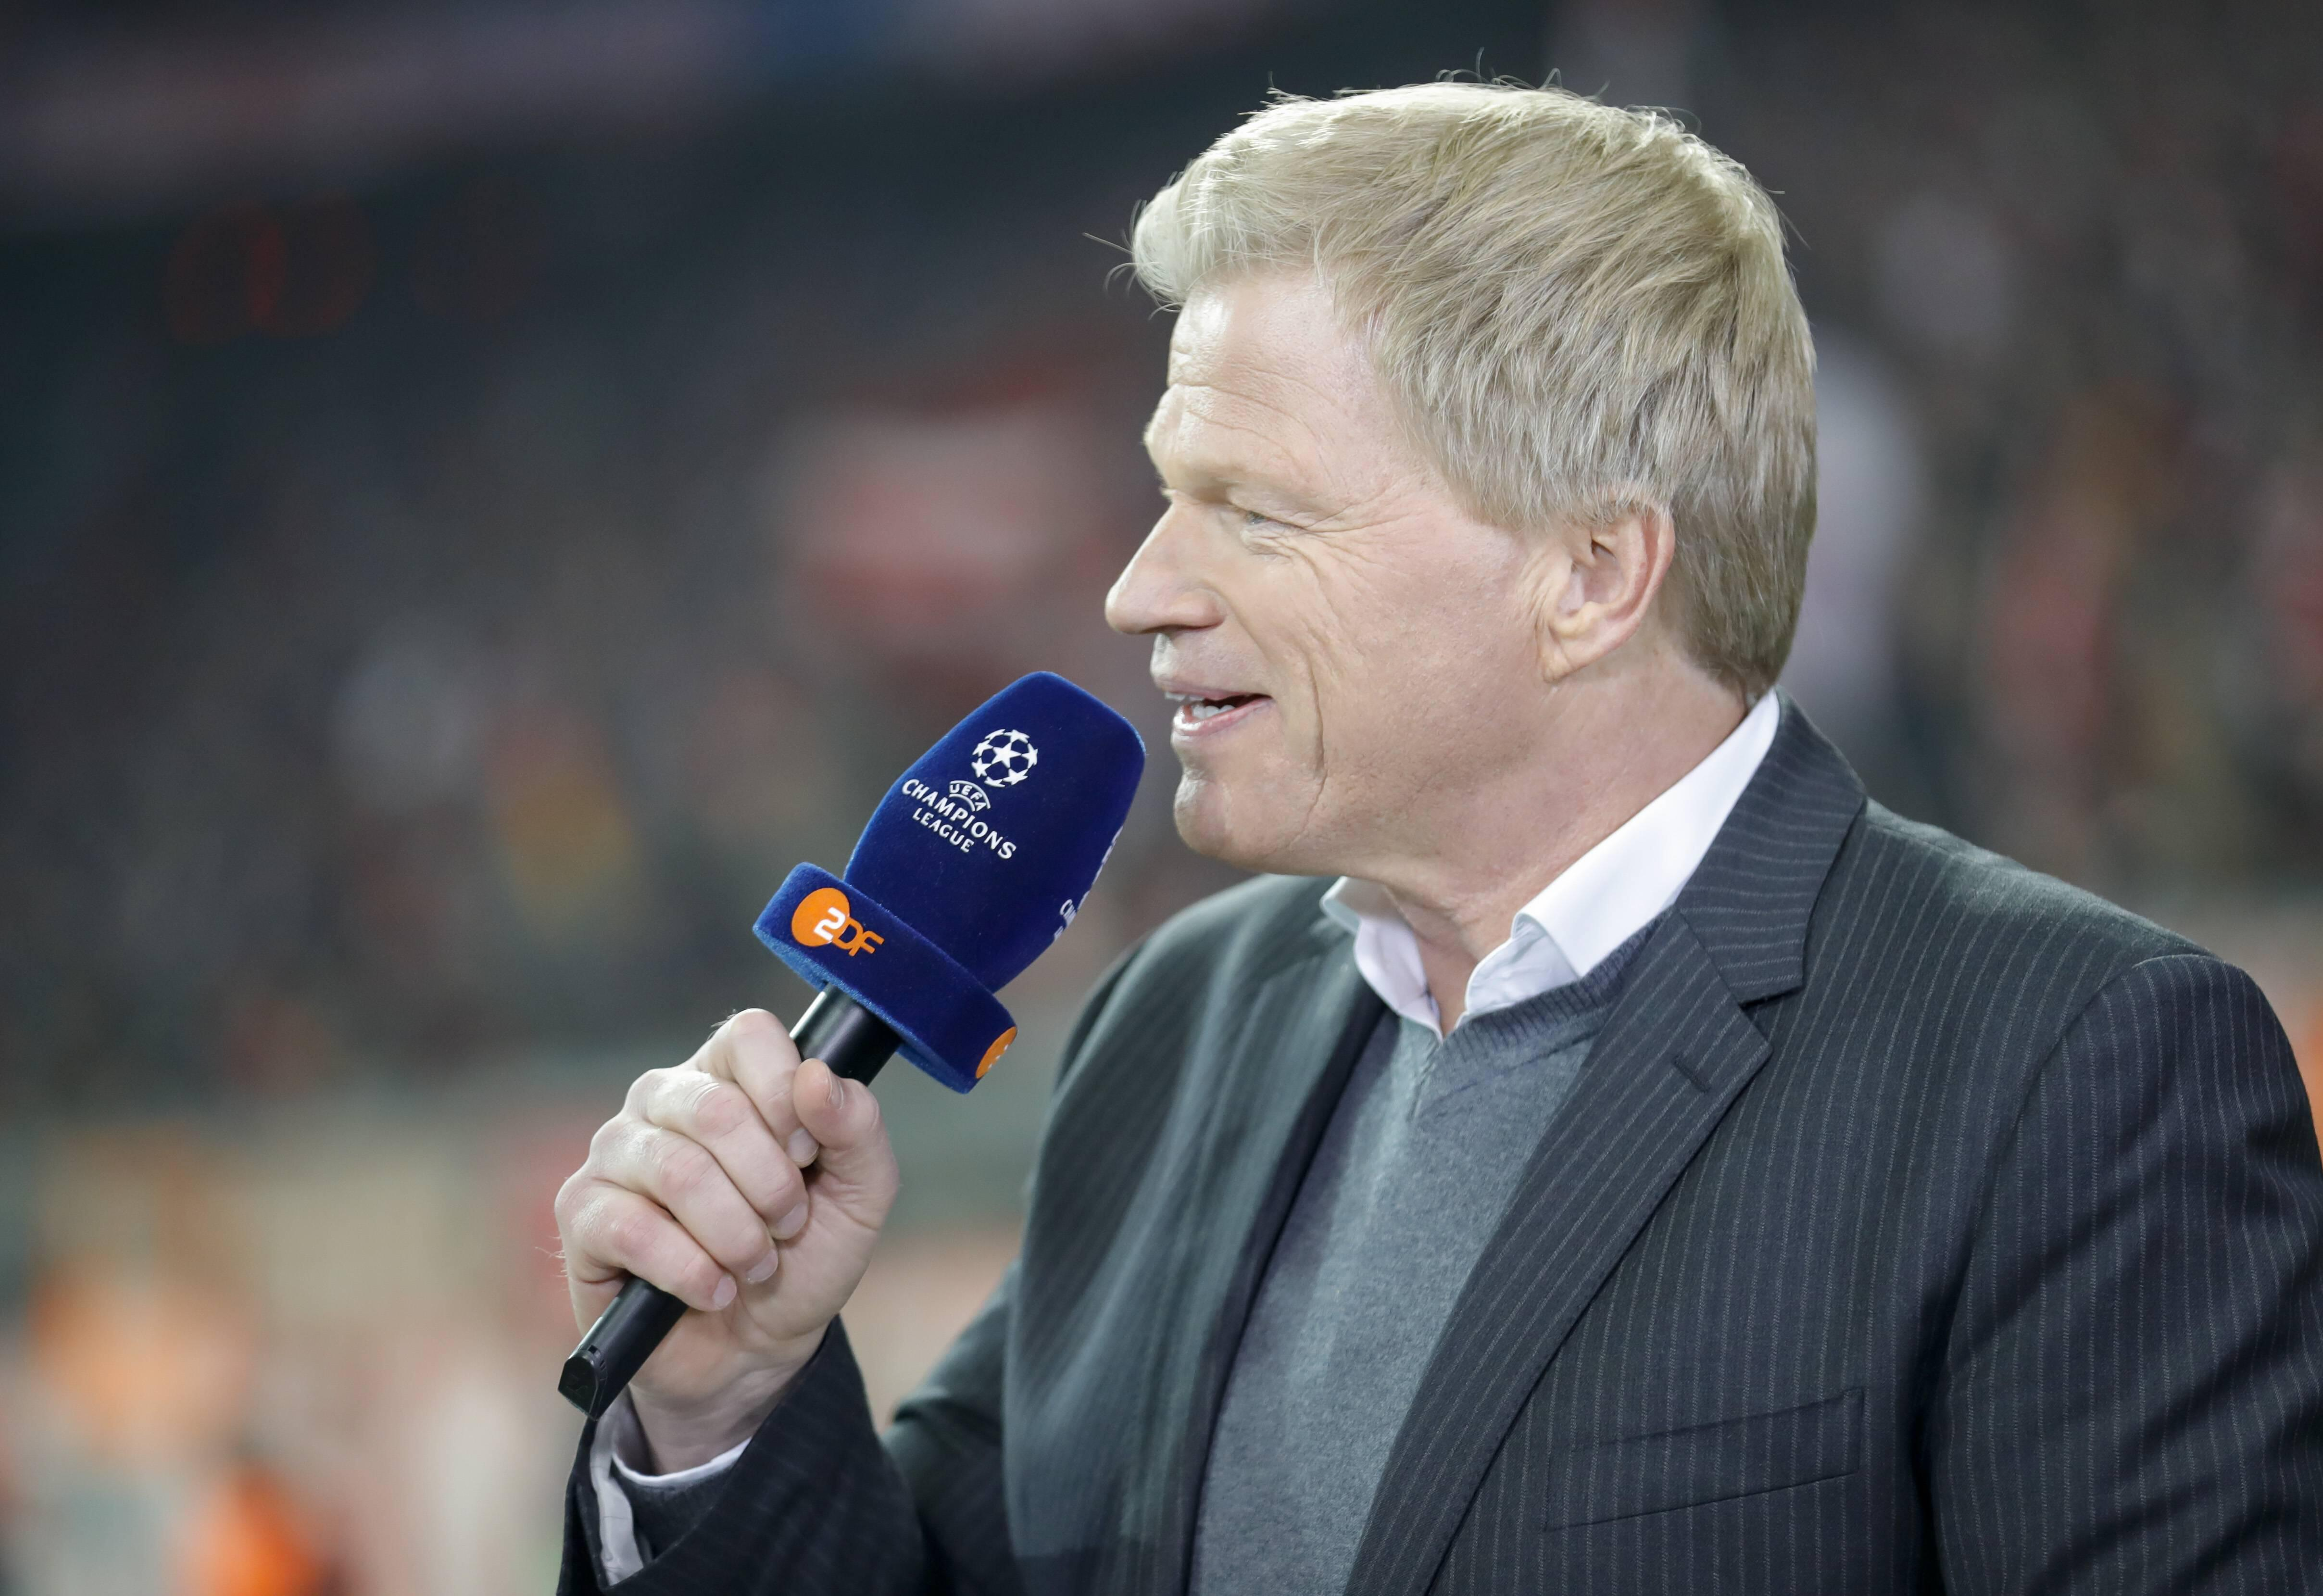 Bild zu Oliver Kahn, Sportdirektor, FC Bayerrn München